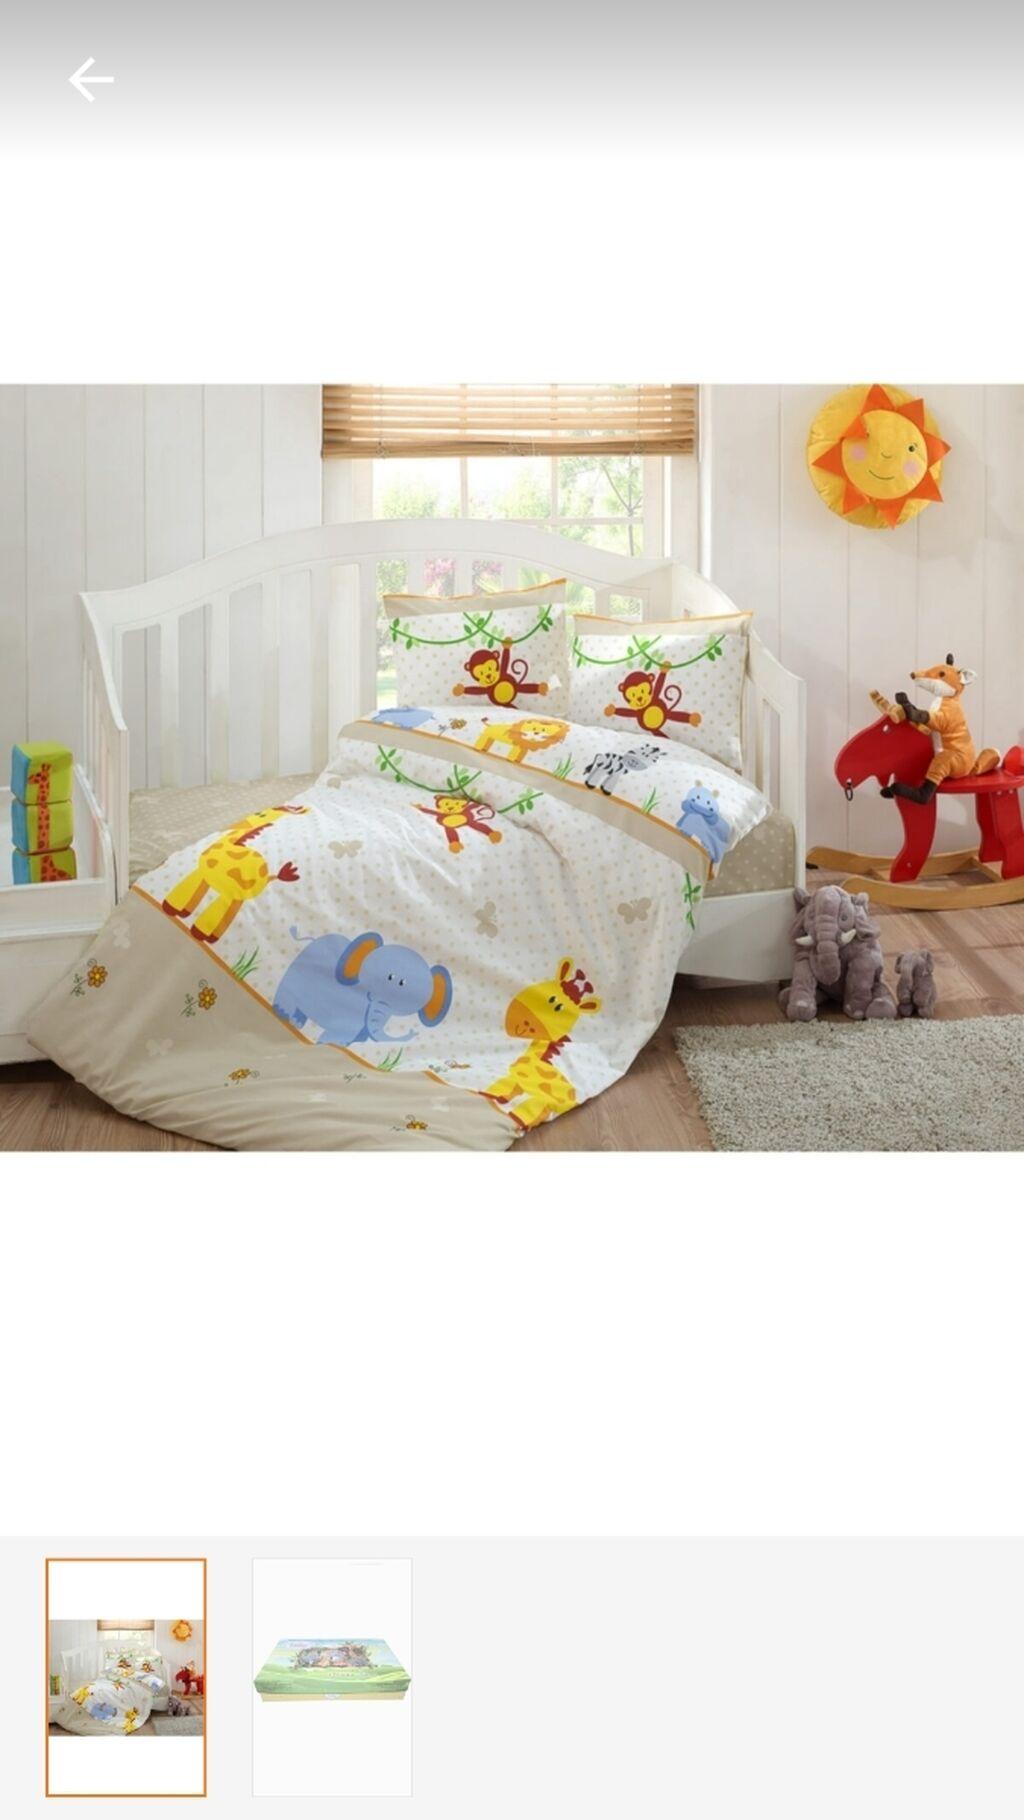 Турецкое постельное белье для малышей: Турецкое постельное белье для малышей